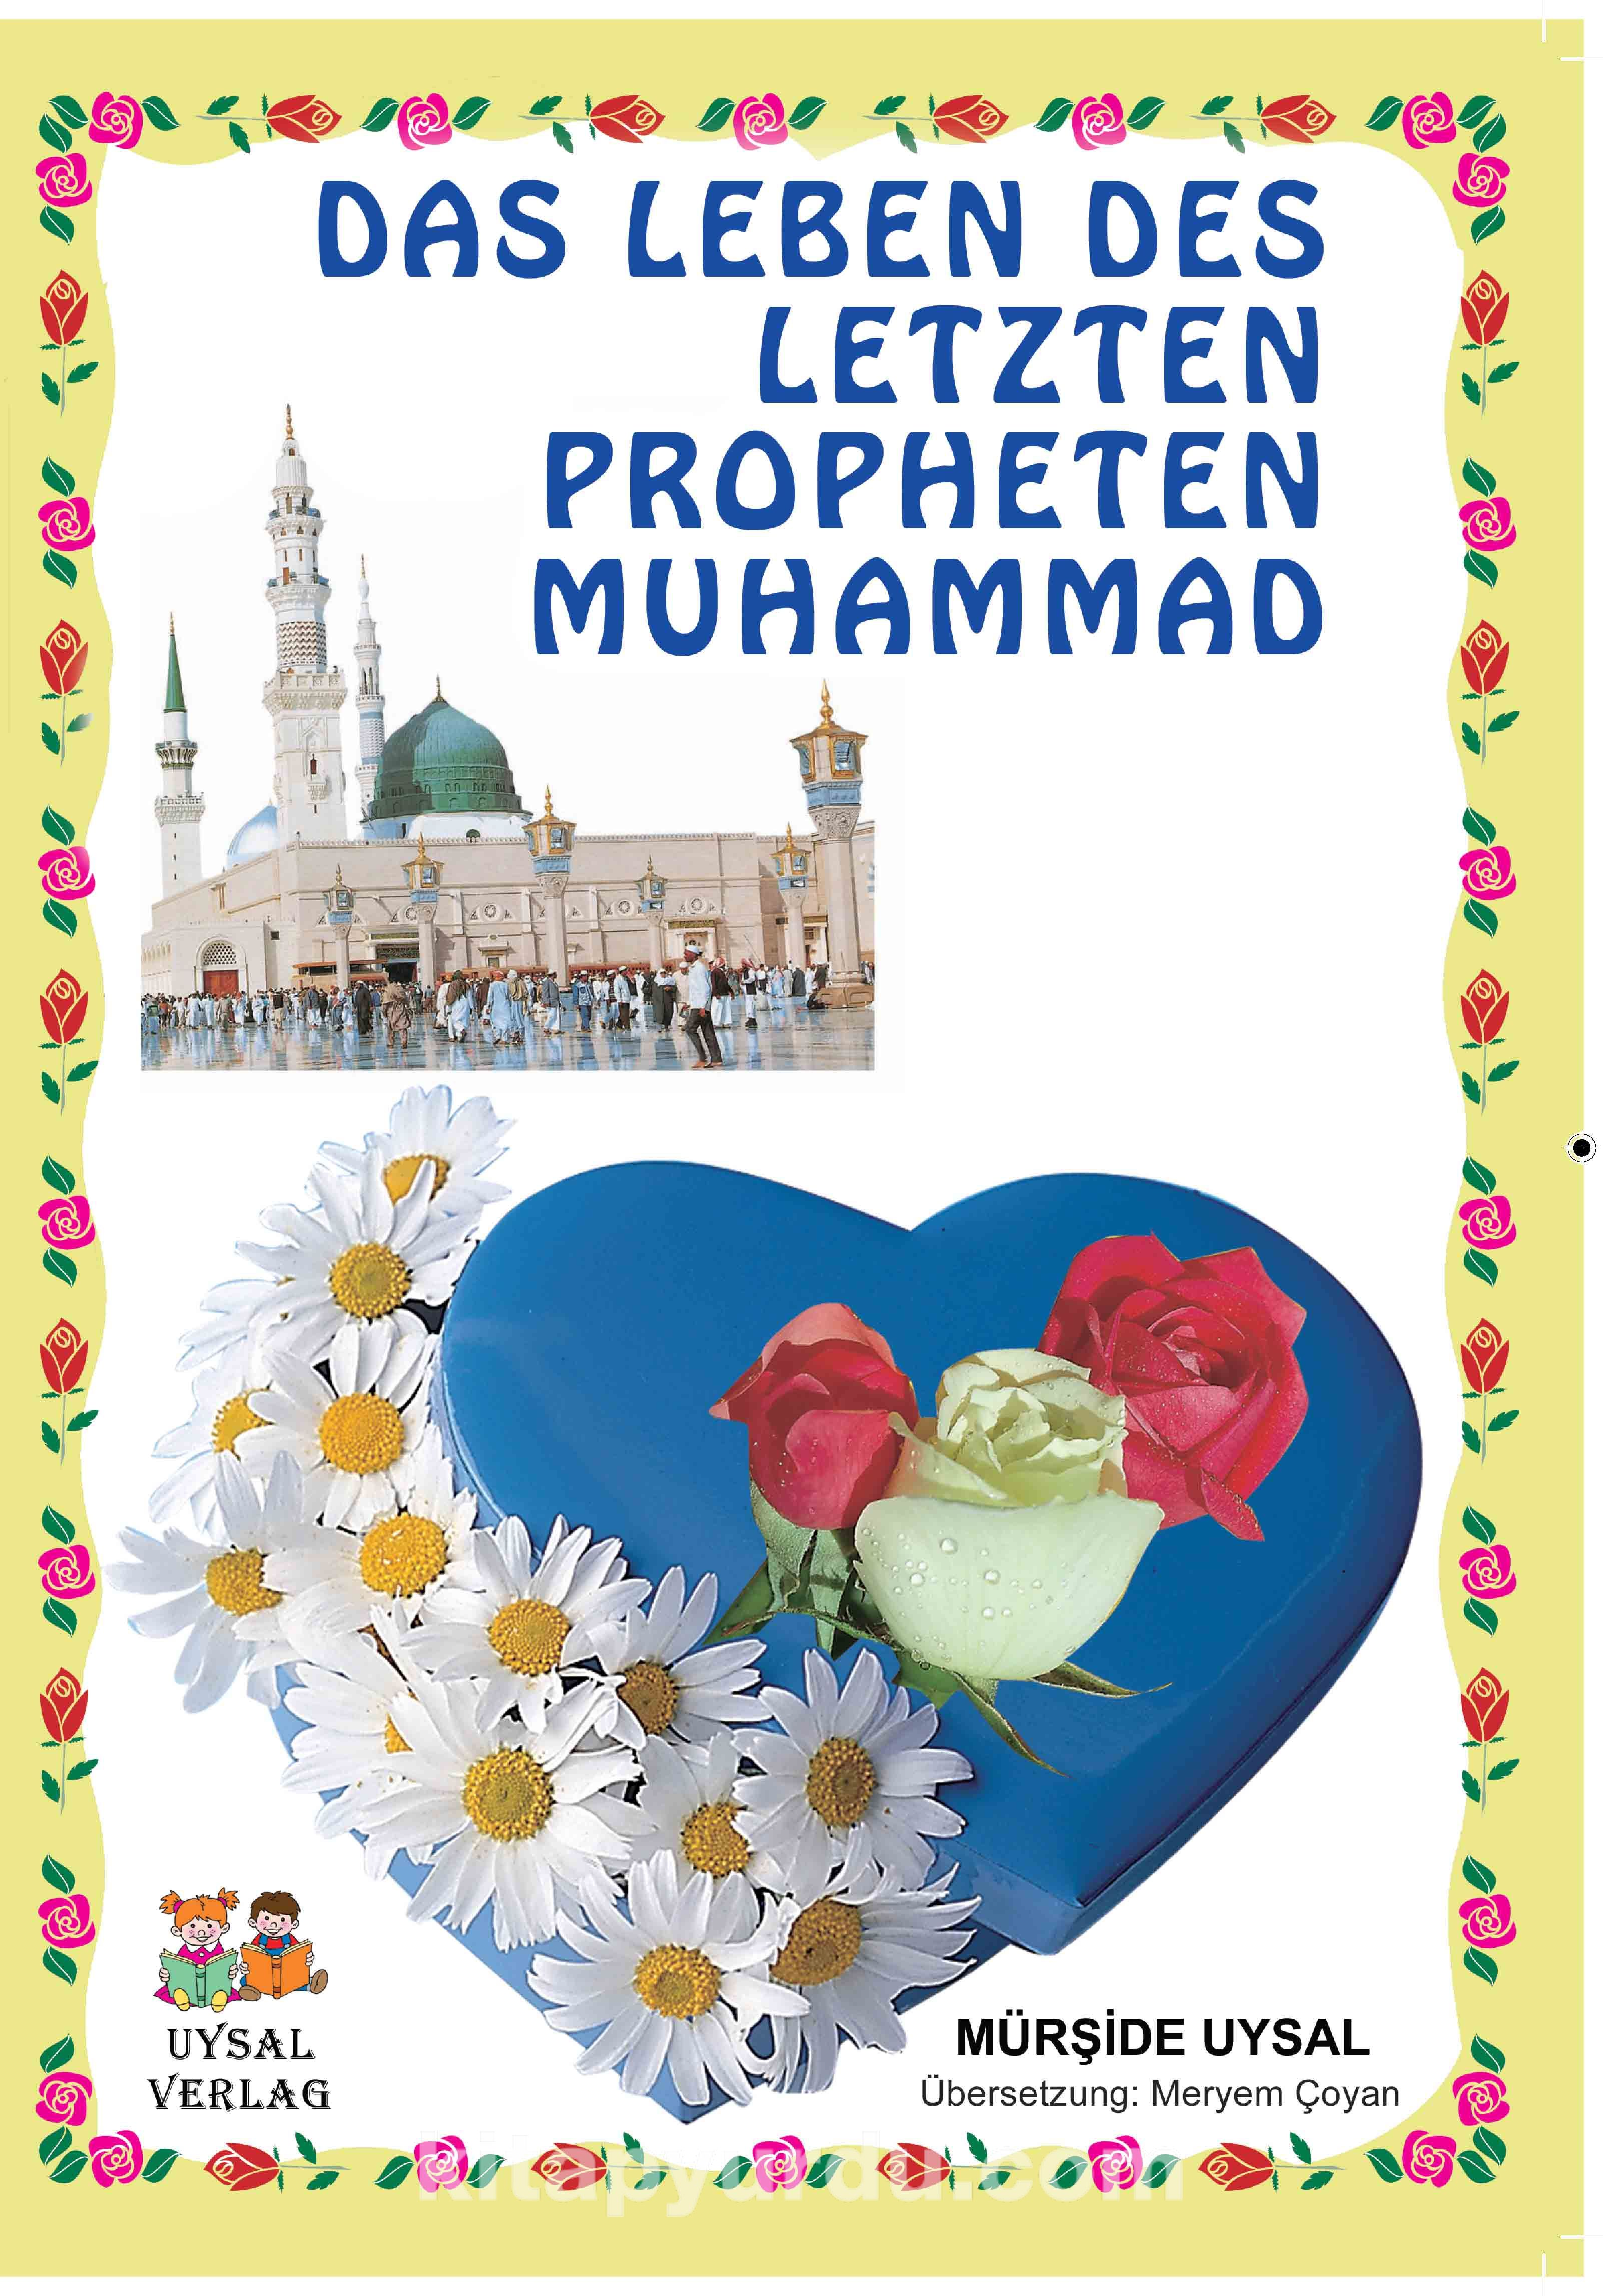 Das Leben Des Letzten Propheten Muhammad (Peygamberimizin Hayatı) Büyük Boy (Kod:145)